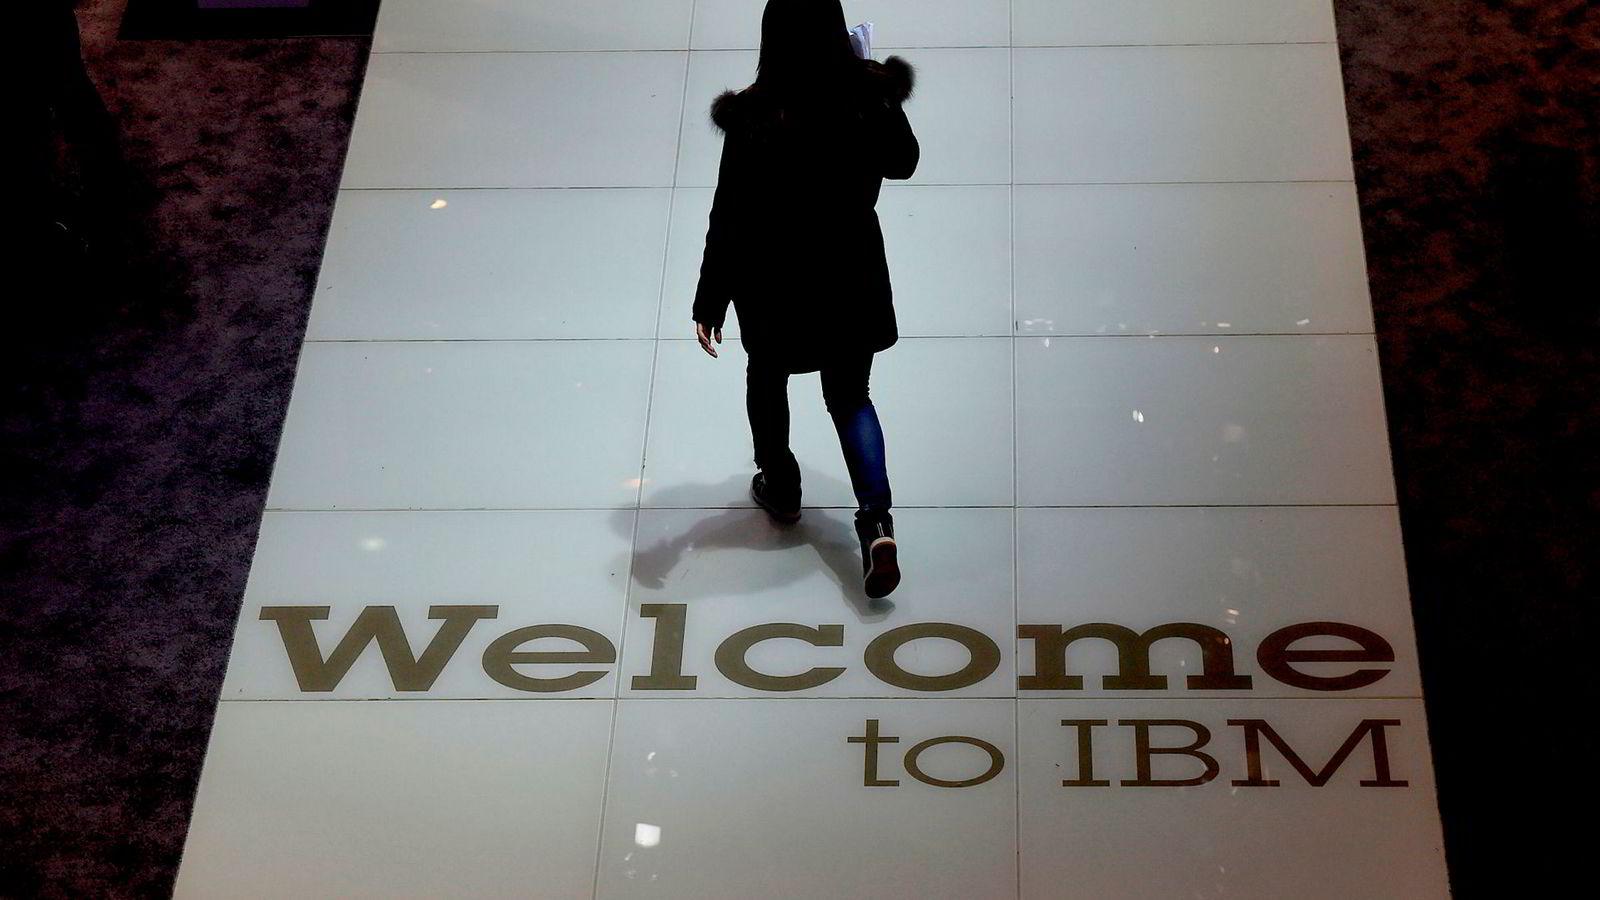 IBM står anklaget for å ha kvittet seg med inntil 100.000 eldre ansatte for å kunne fremstå som et mer ungdommelig og attraktivt selskap for yngre arbeidssøkere.